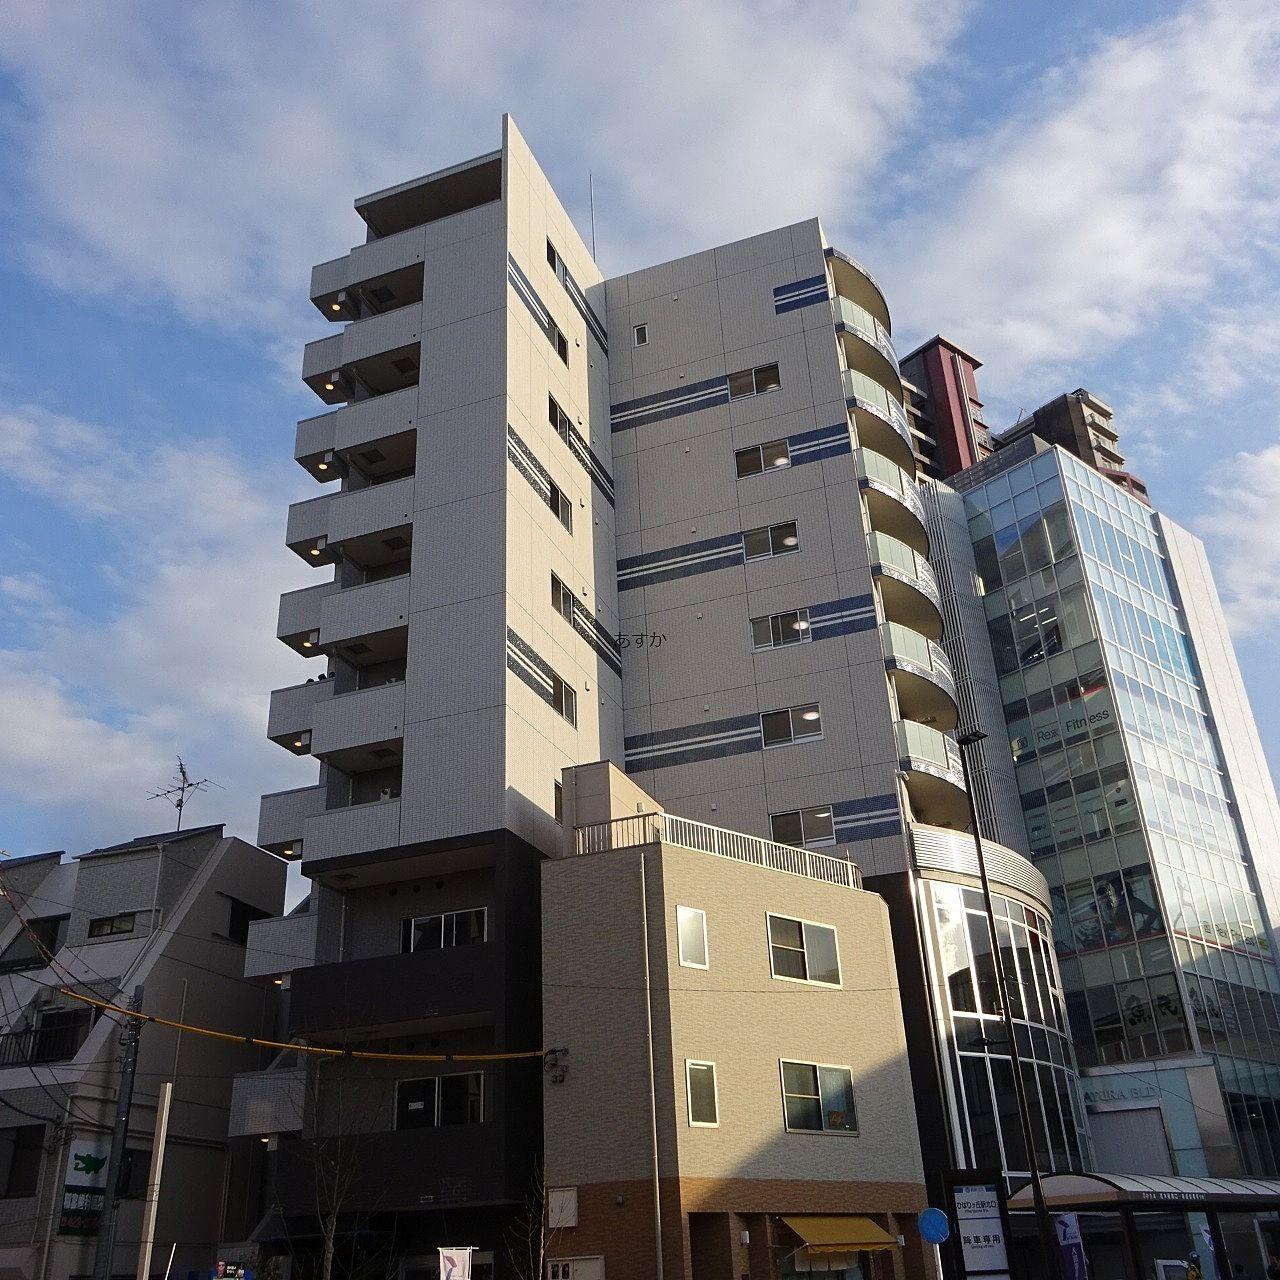 ひばりが丘駅前新築賃貸マンションが完成しました